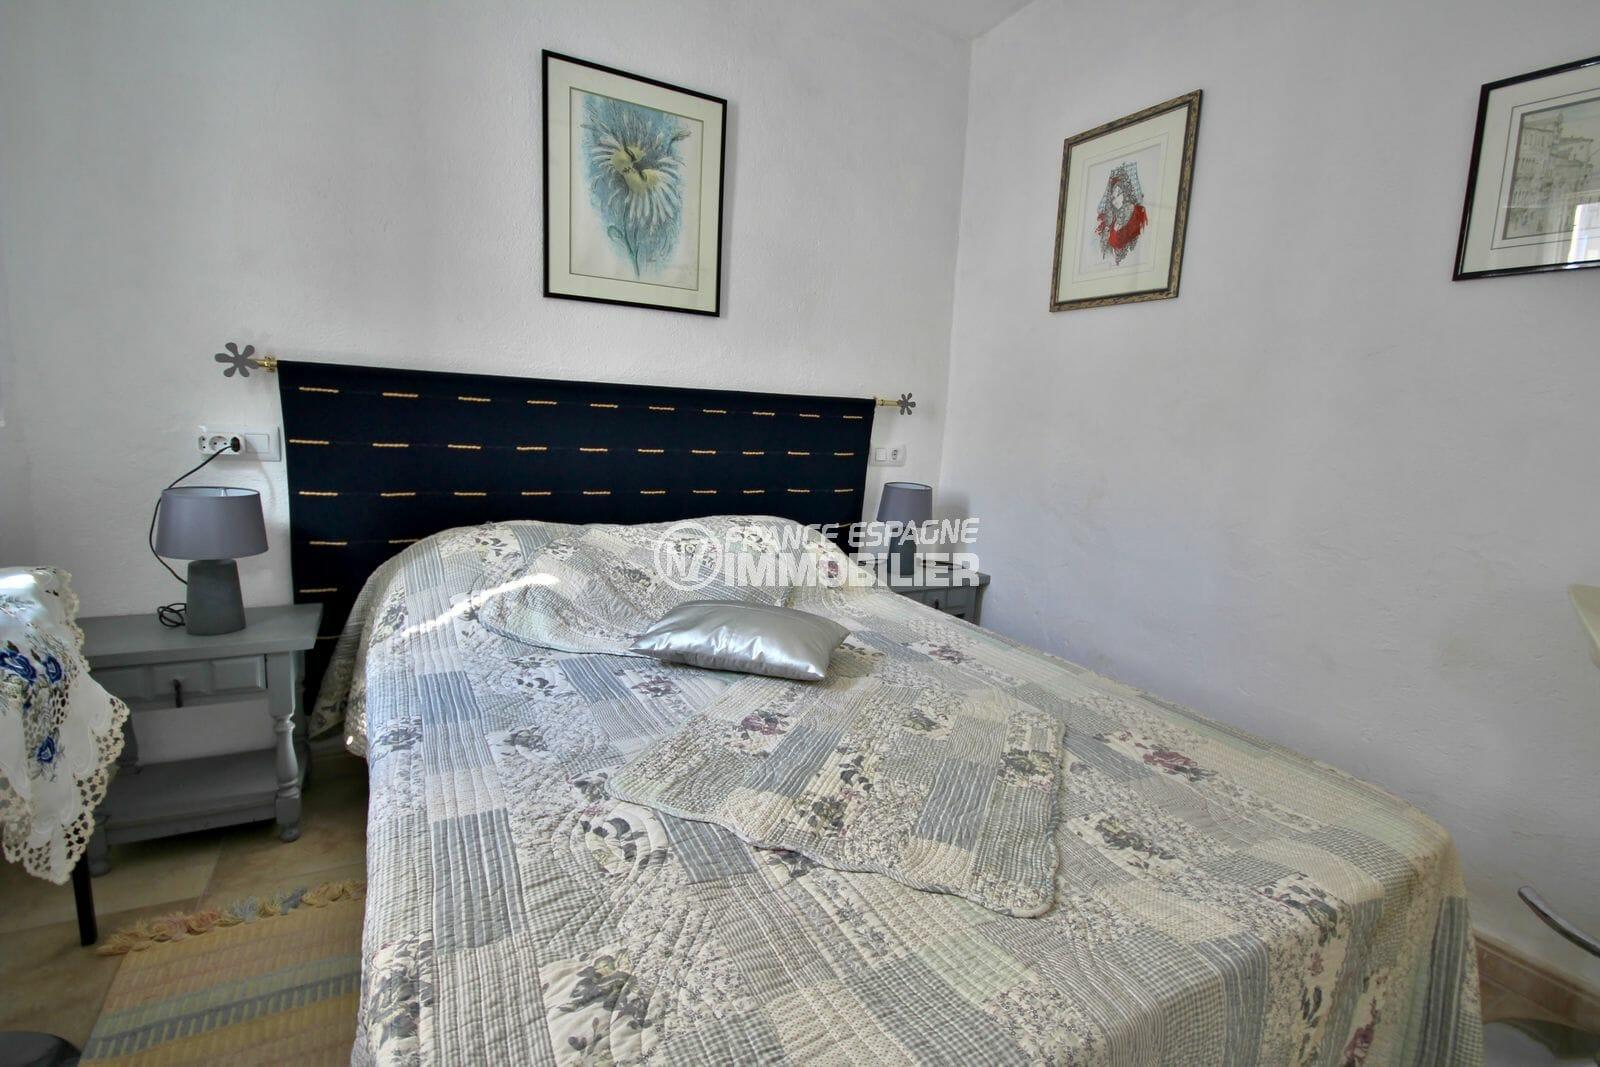 maison a vendre espagne, proche plage, troisième chambre avec lit double